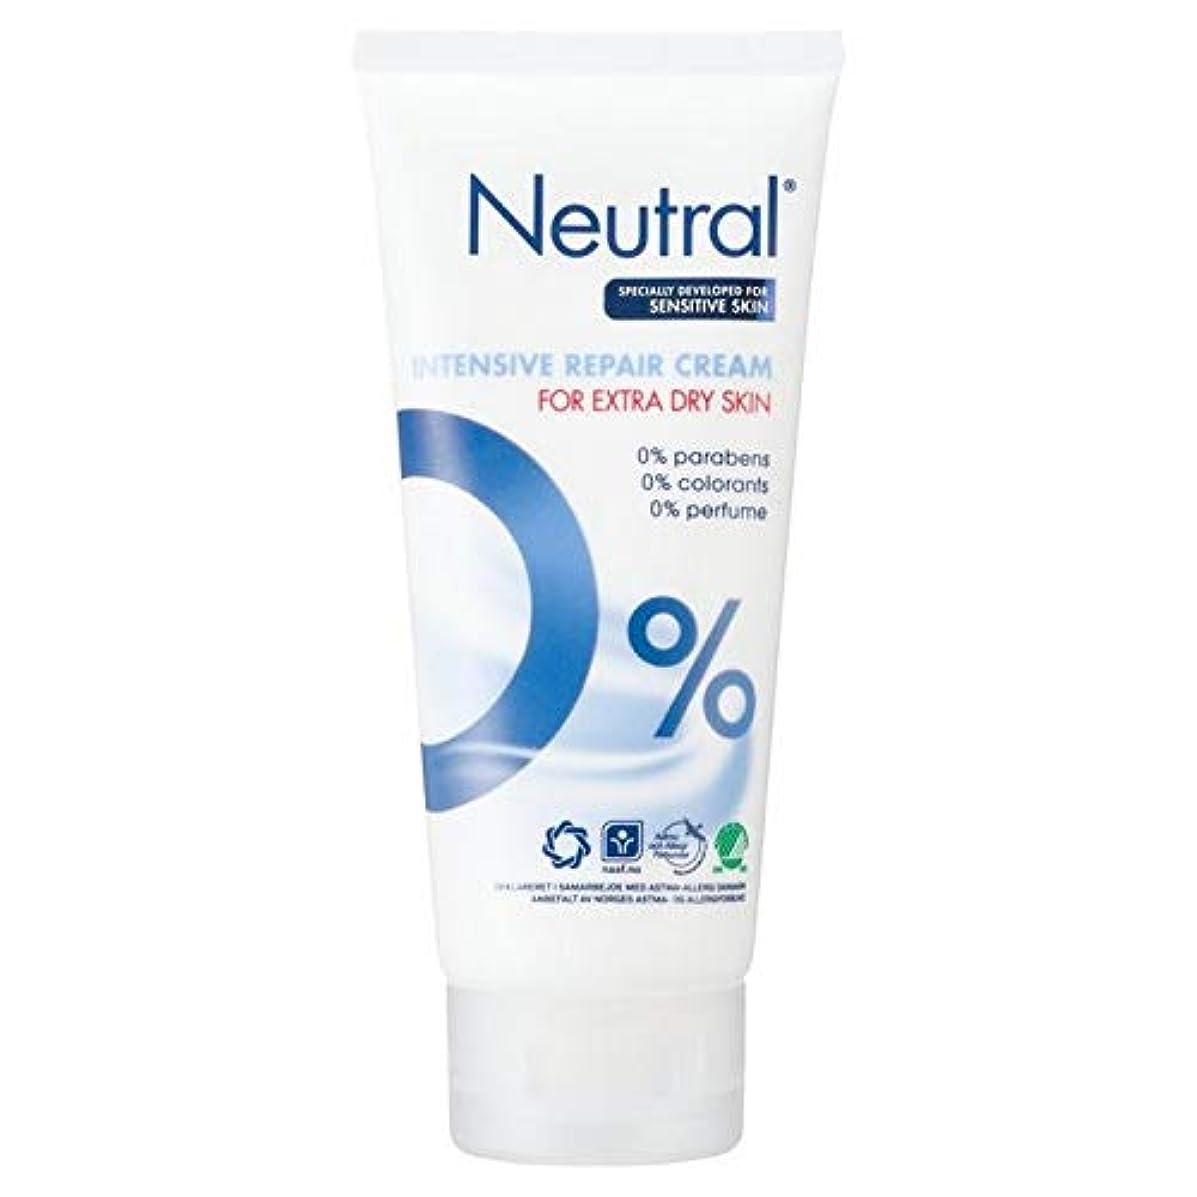 定期的なせがむ里親[Neutral ] ニュートラル0%の集中リペアクリーム100ミリリットル - Neutral 0% Intensive Repair Cream 100ml [並行輸入品]